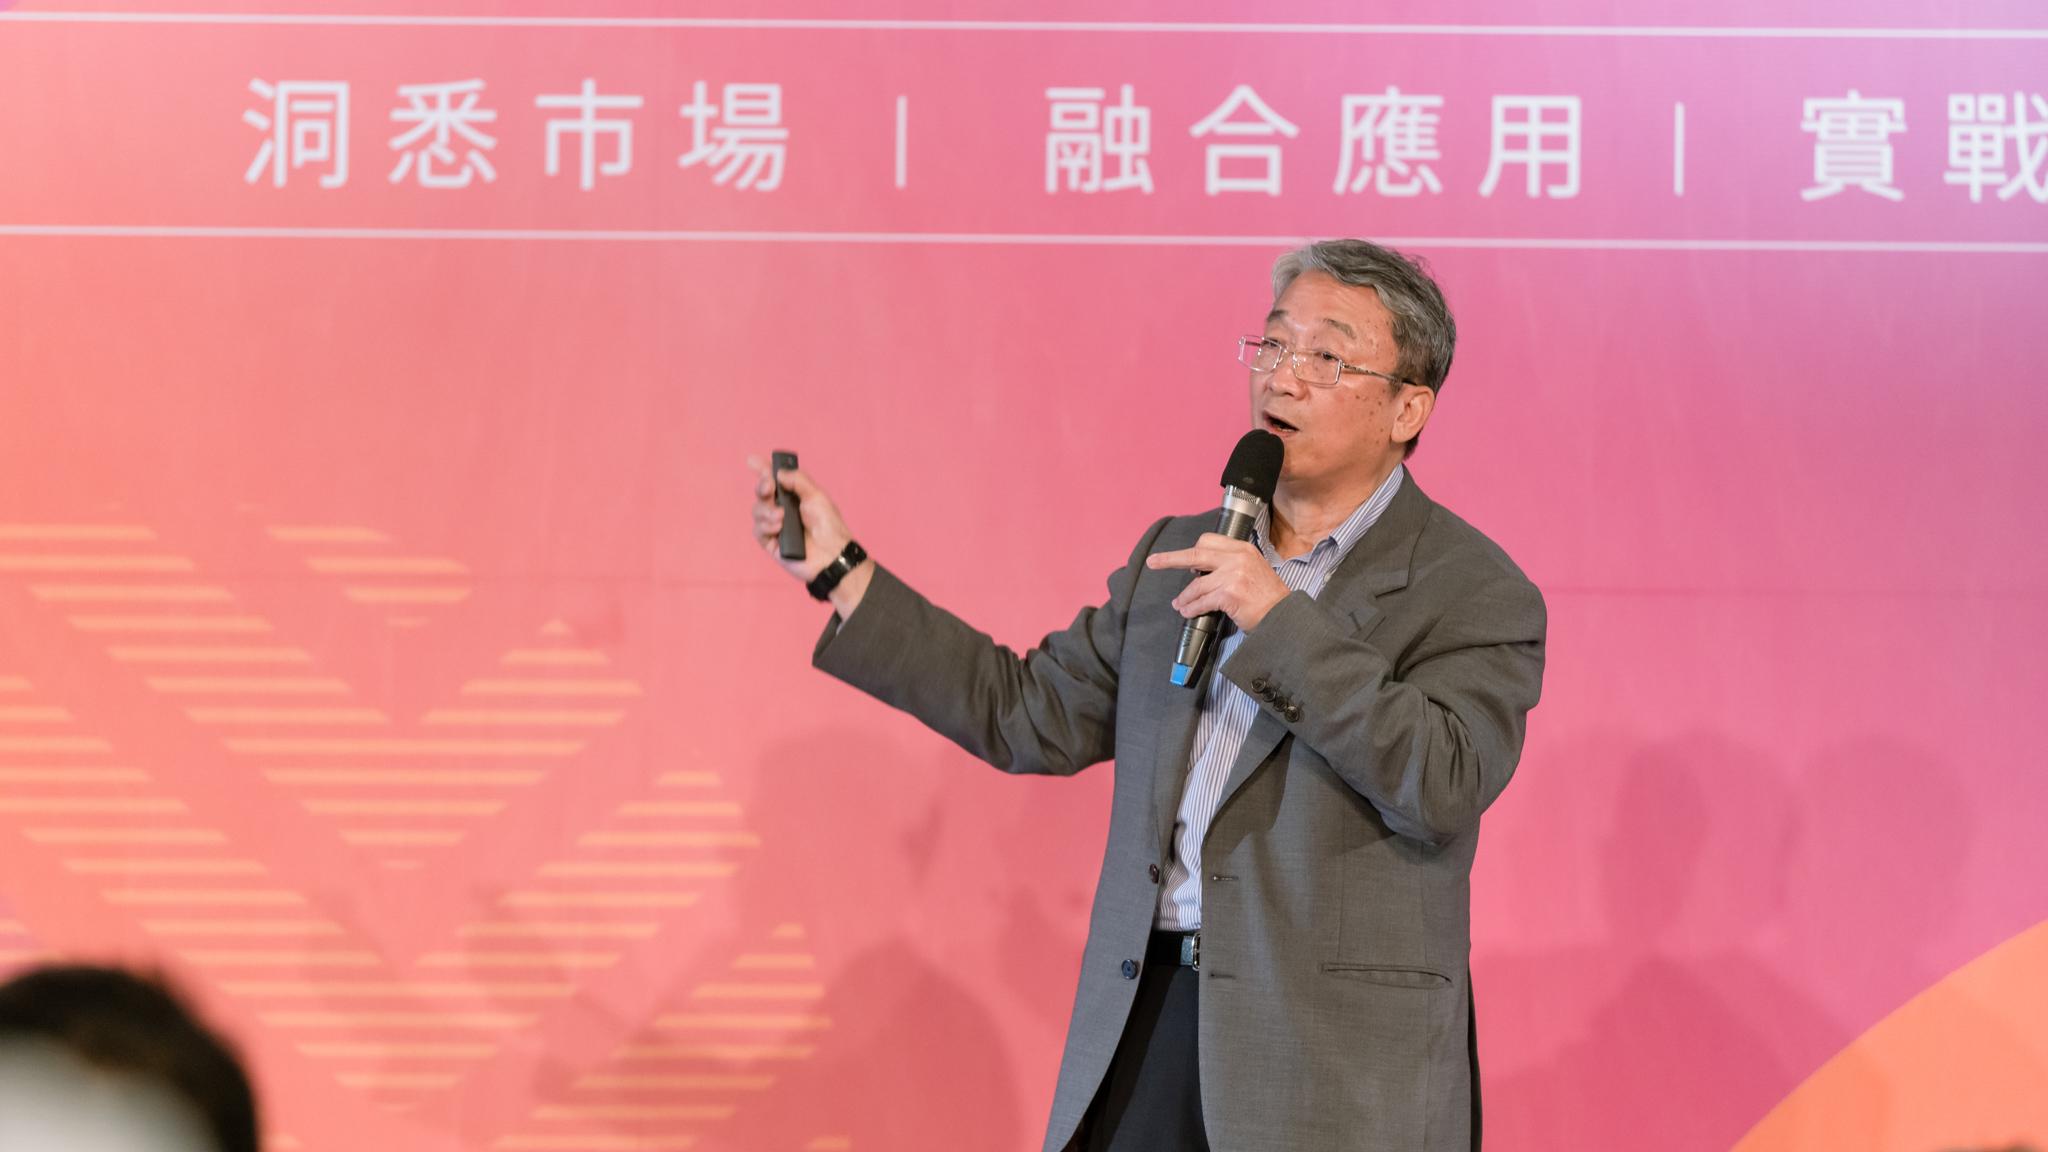 全聯實業副董事長 謝健南於 OMO 品牌新零售高峰會